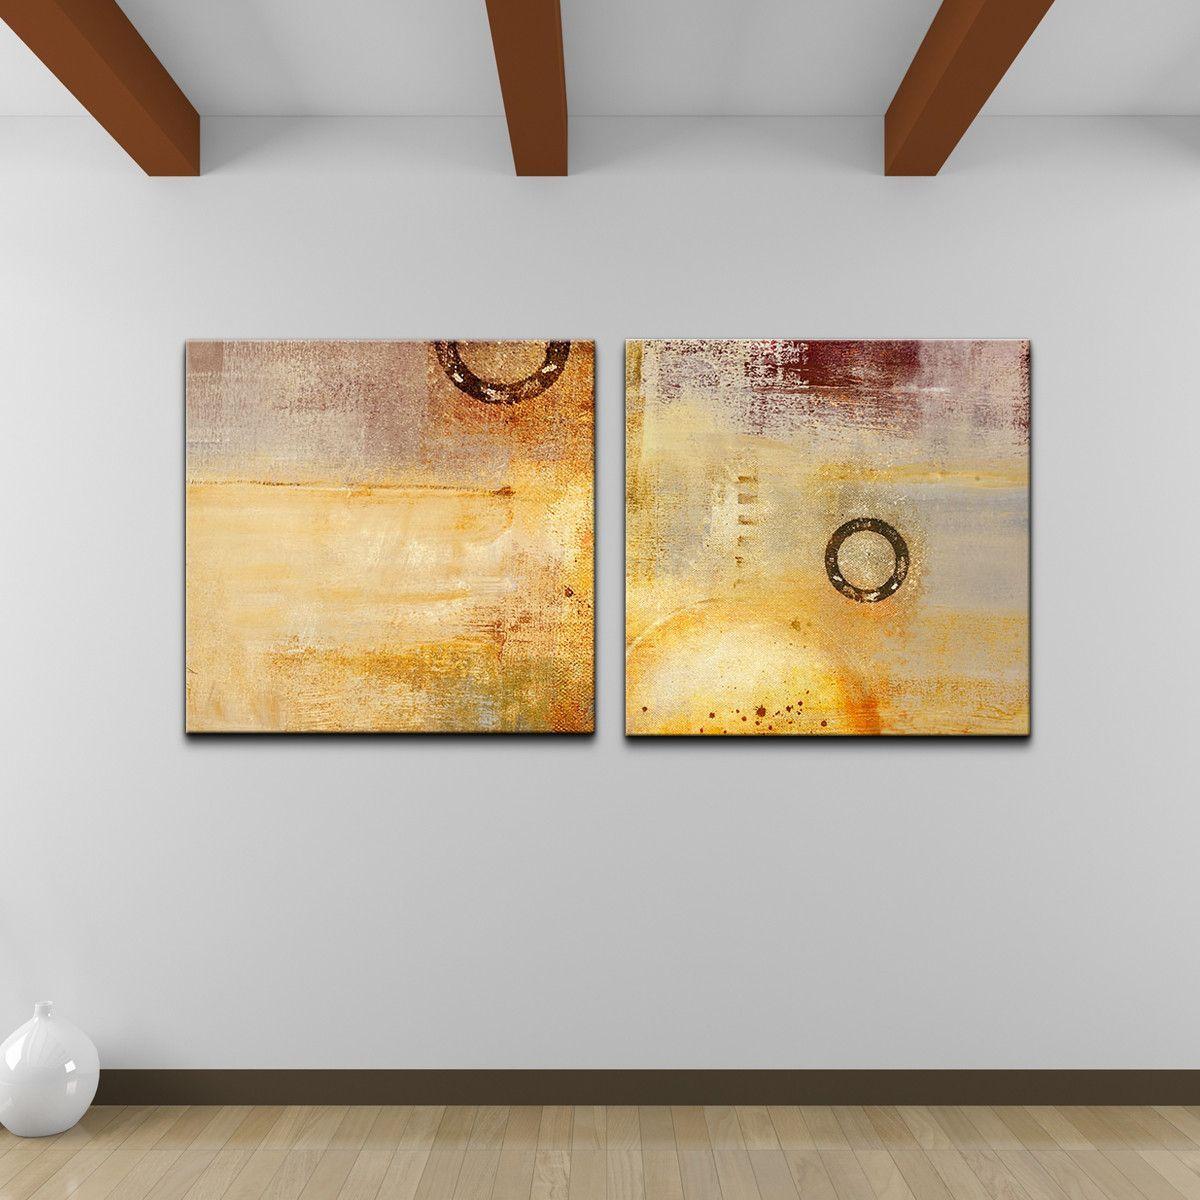 Alexis Bueno \'Abstract Spa\' 2-piece Canvas Wall Art Set   Art ideas ...